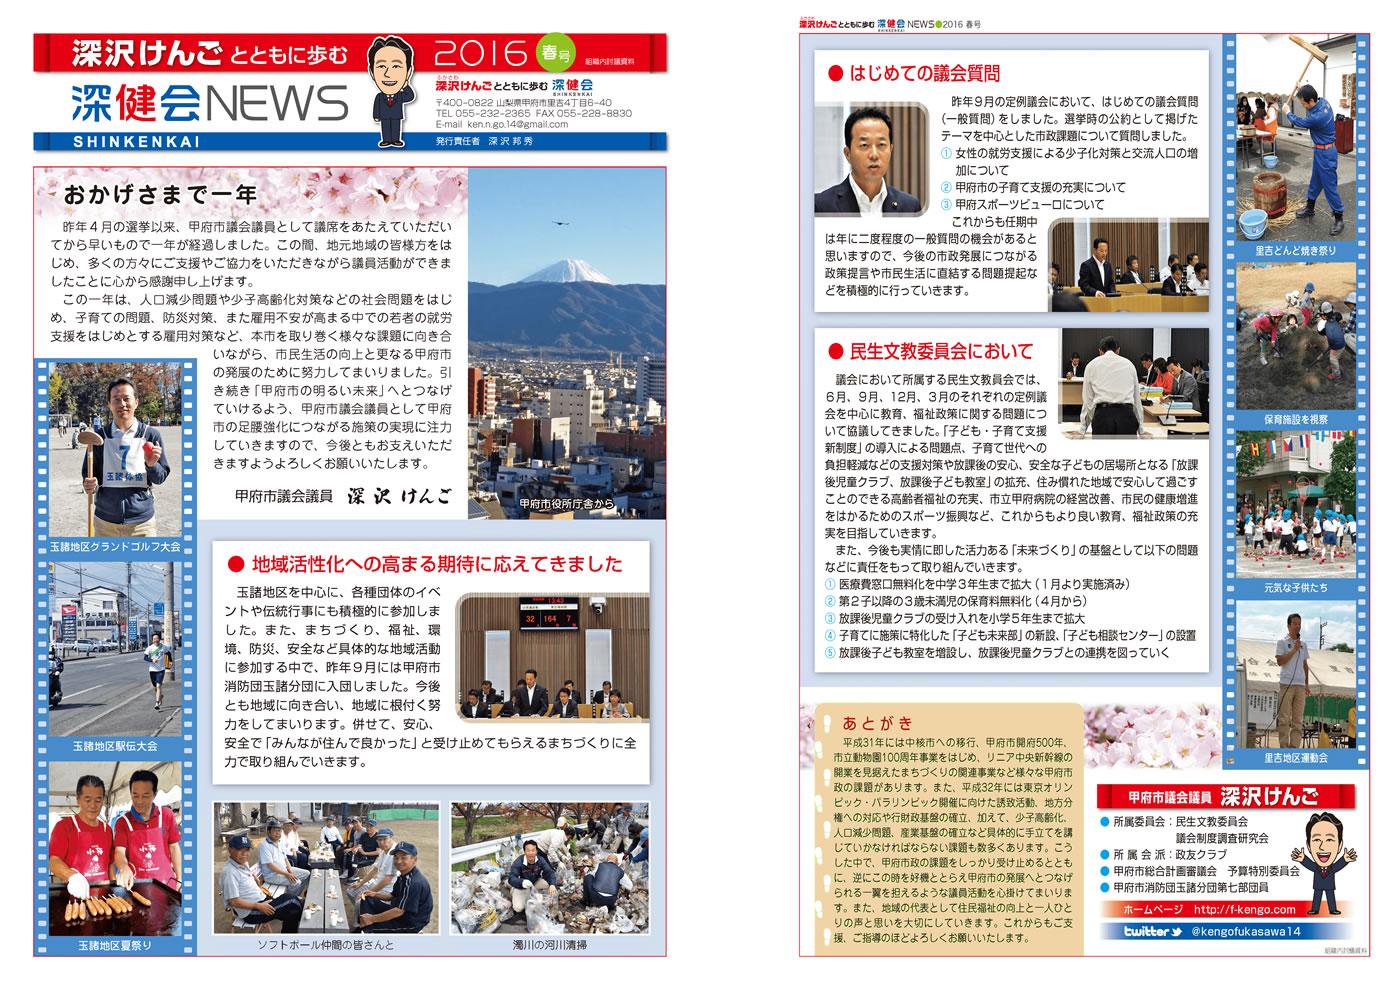 深健会ニュース〈2016年春号〉